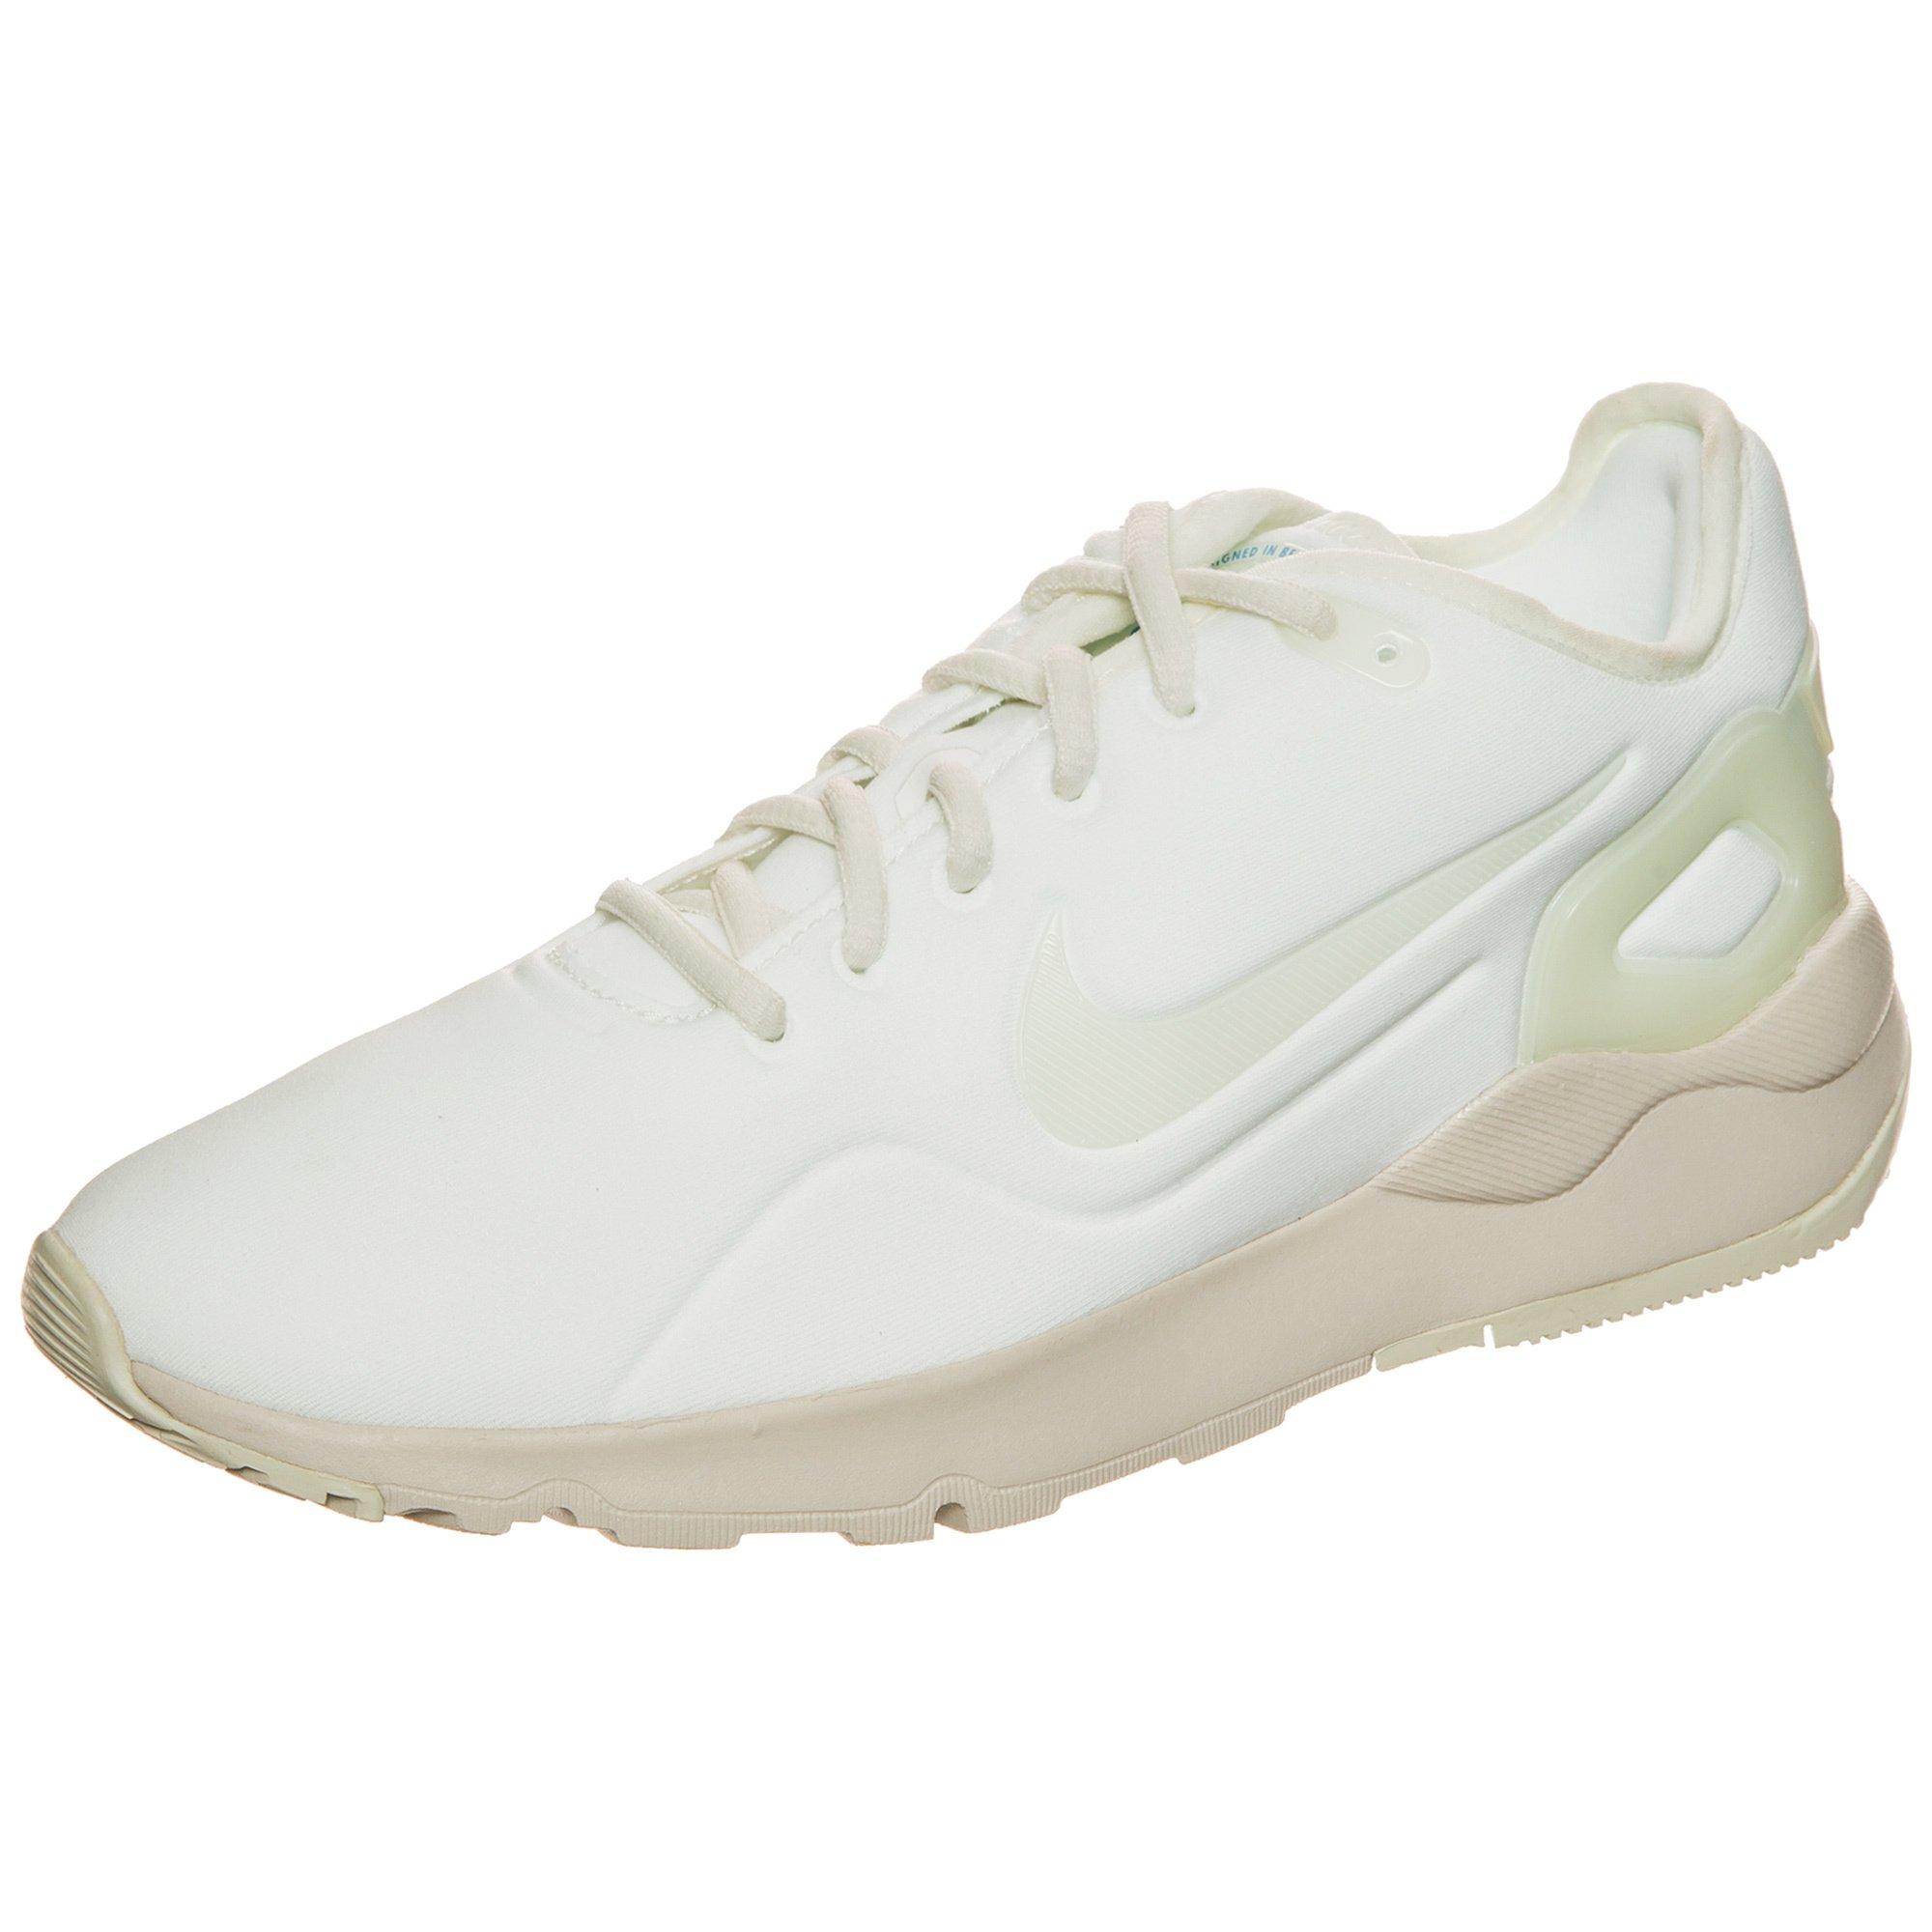 Nike Women's LD Runner Lw Running Shoe